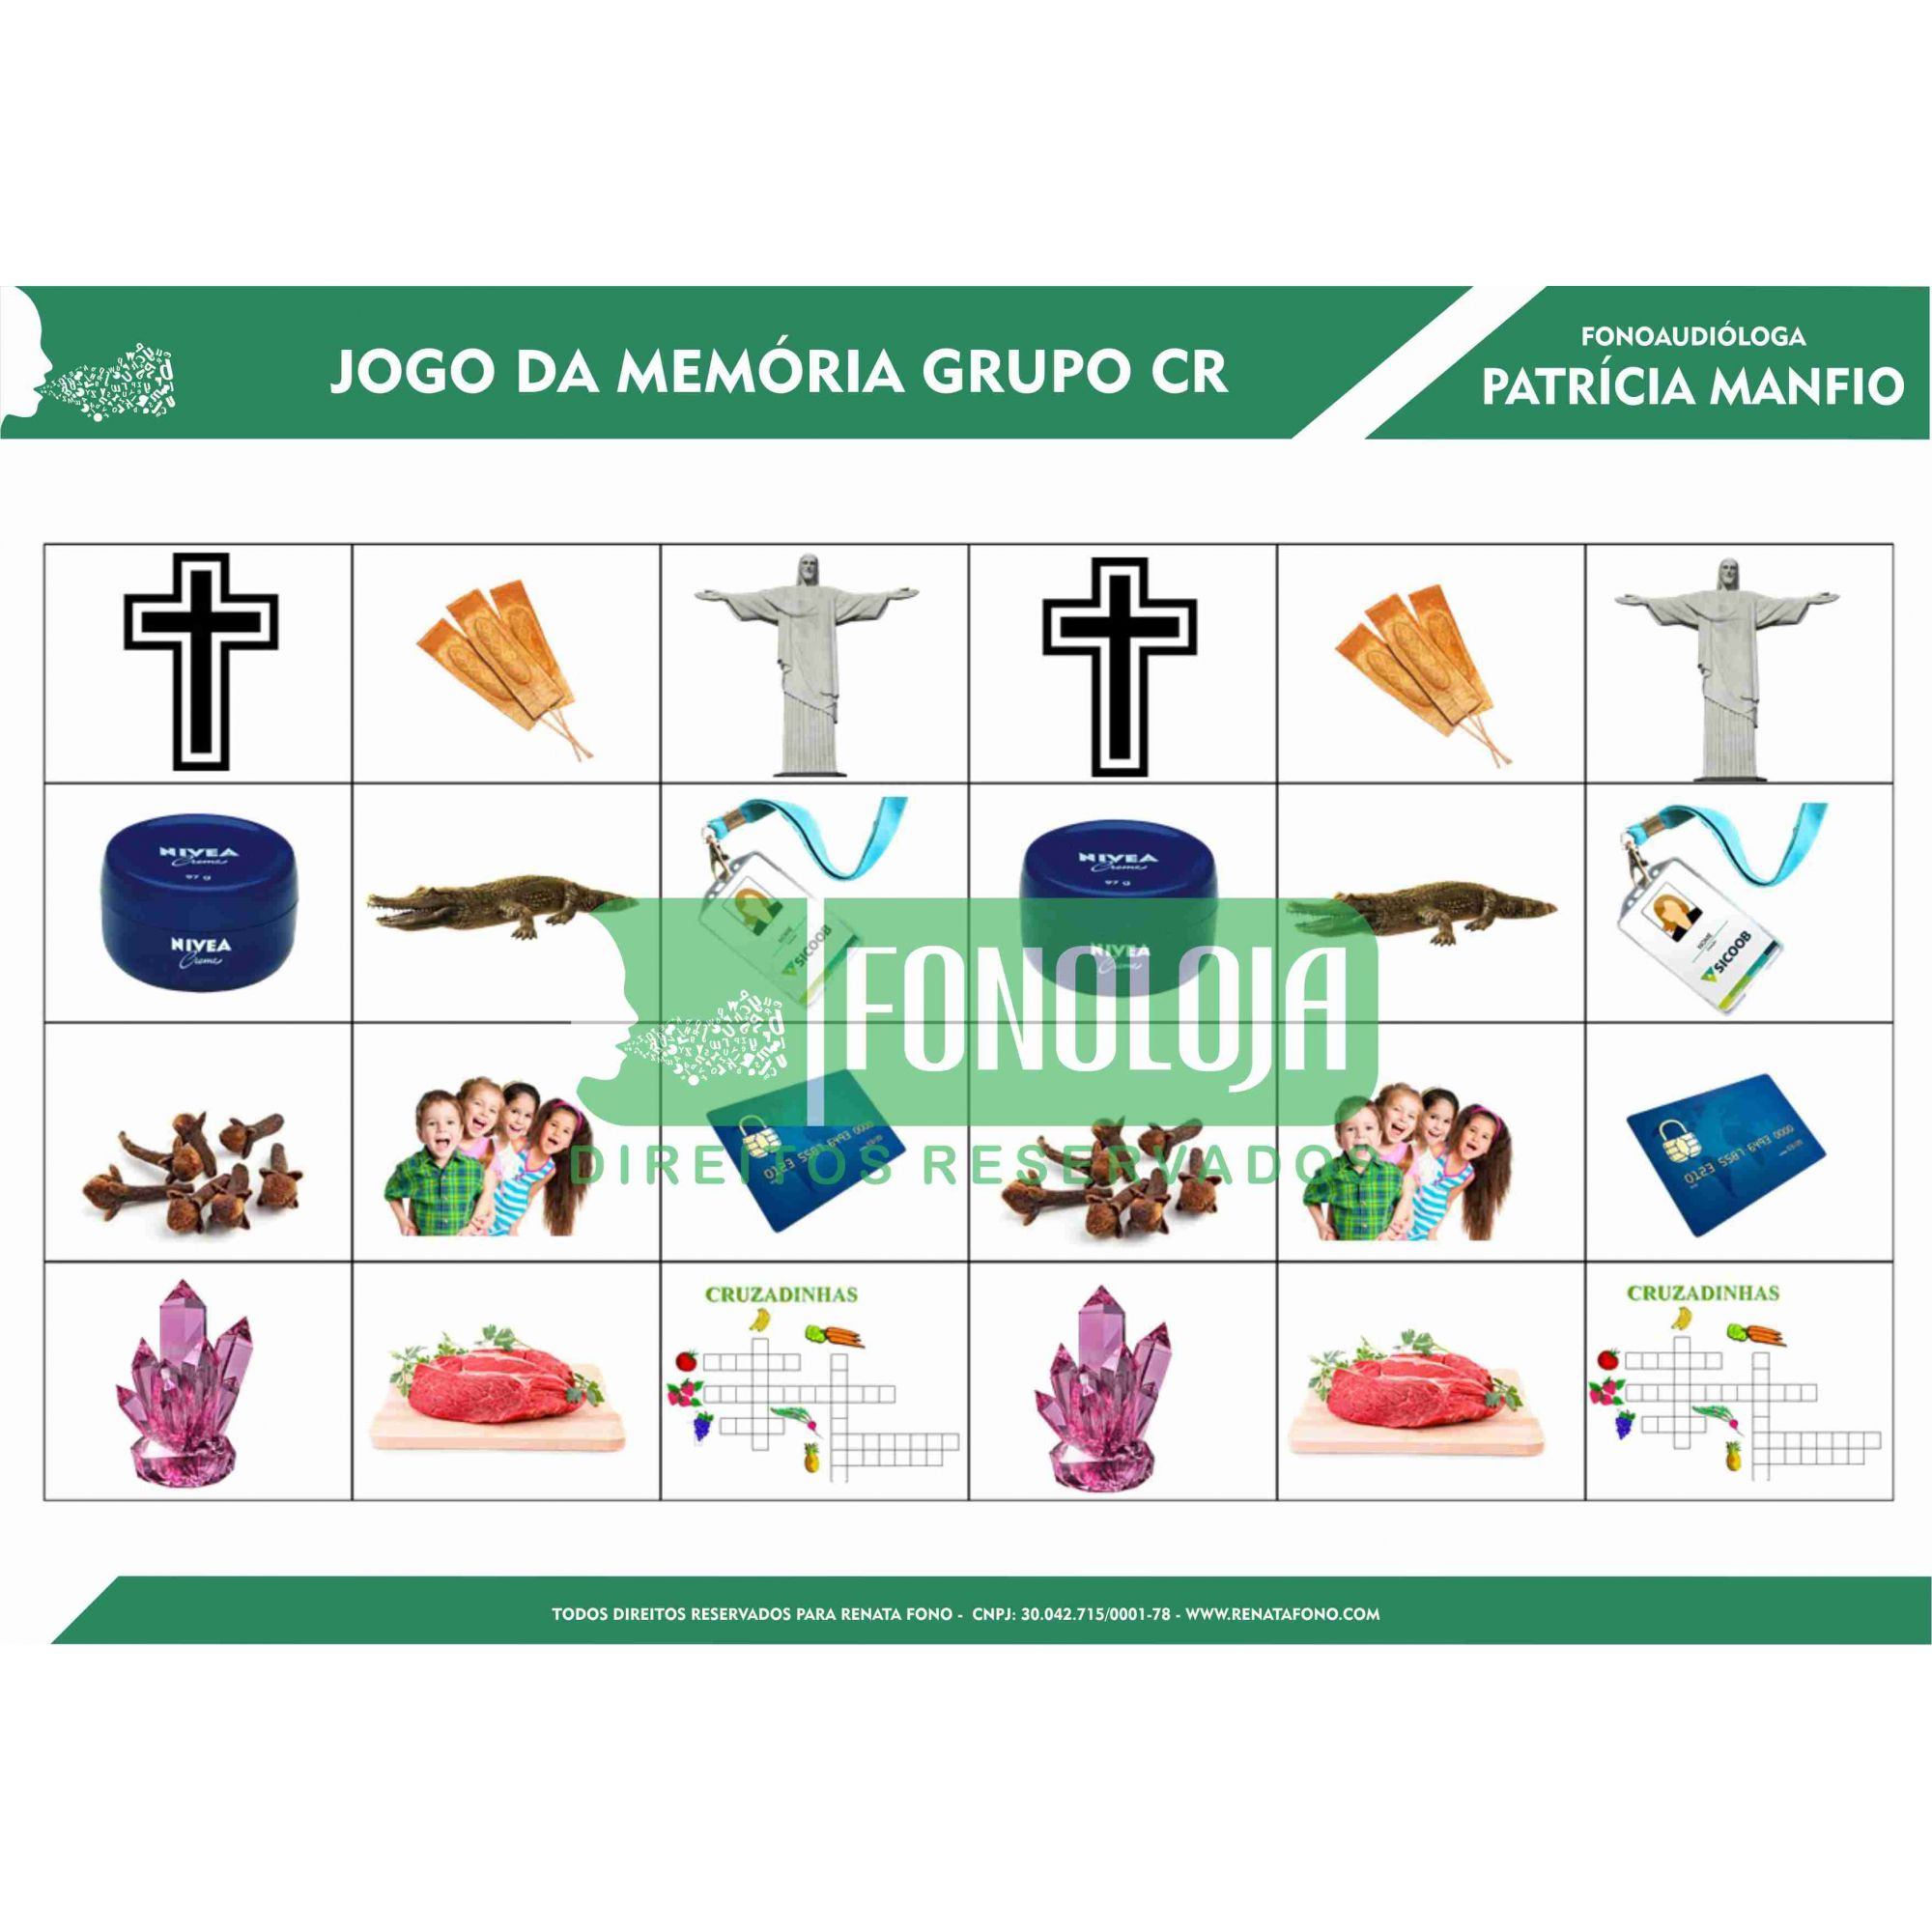 KIT 03 - 07 PRANCHAS JOGOS DA MEMÓRIA GRUPOS COM R - cc(r)v